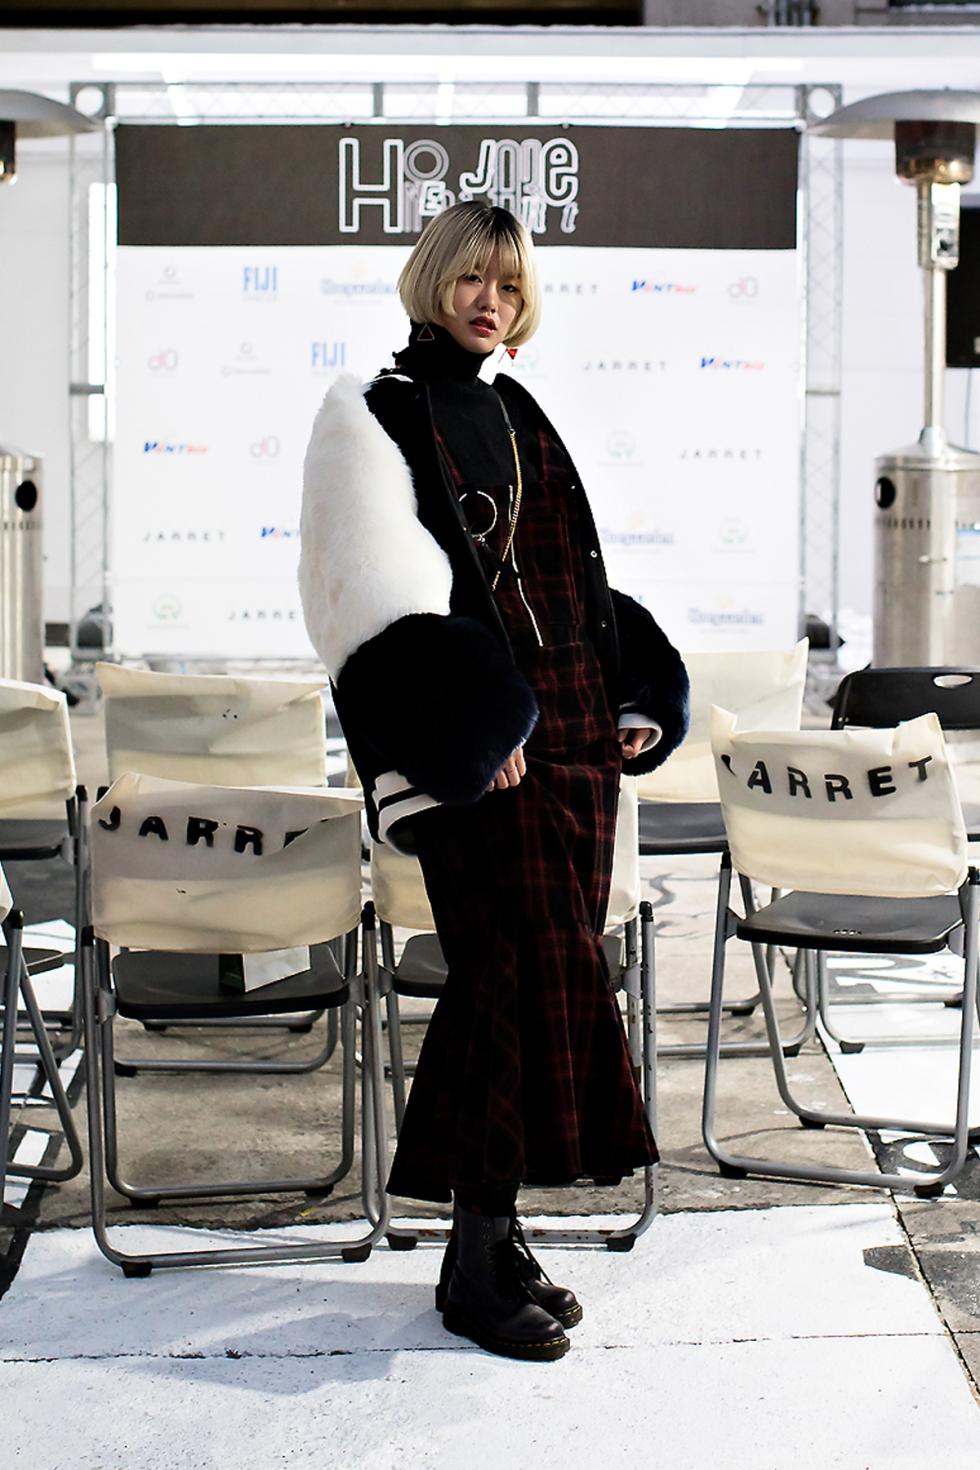 lee-roeun-street-fashion-2017-in-seoul